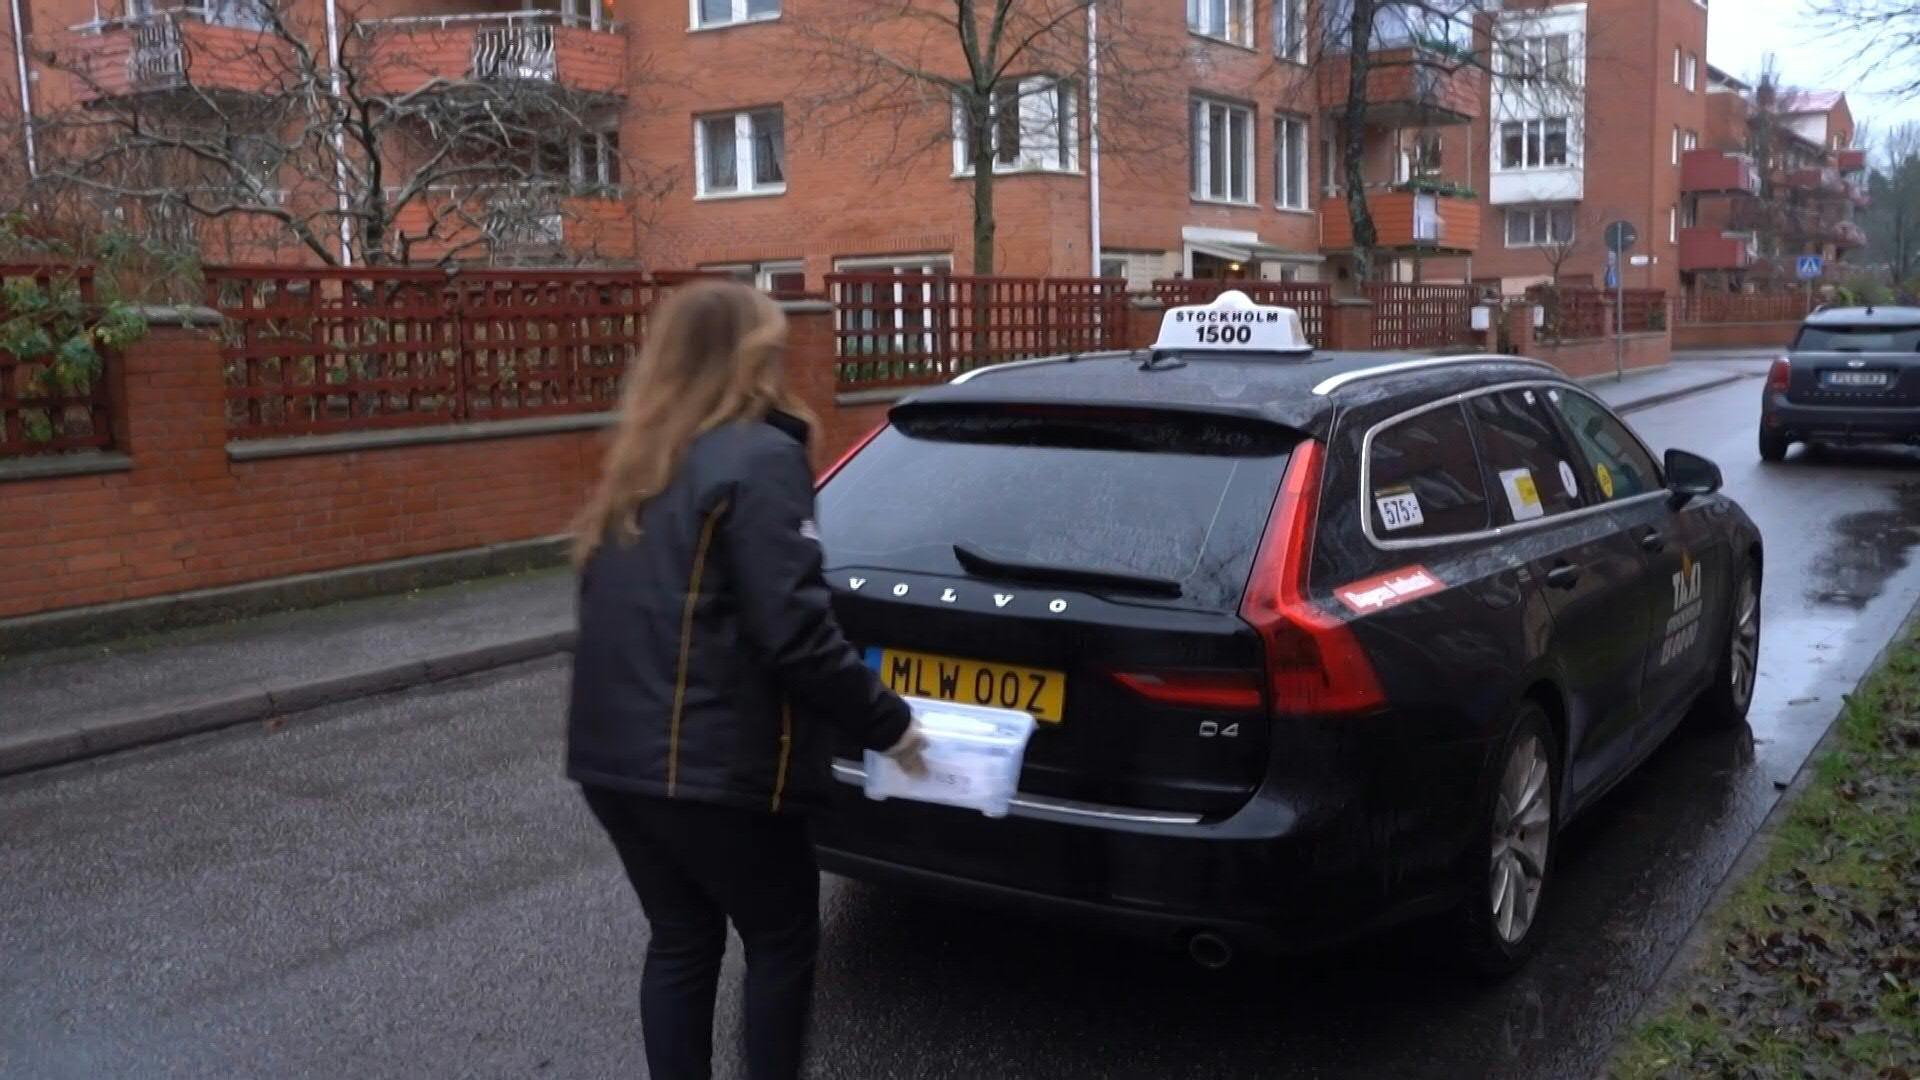 Dos empresas de taxis aseguran actualmente la tarea. Juntas, distribuyen 25 000 test por semana en Estocolmo y sus alrededores.